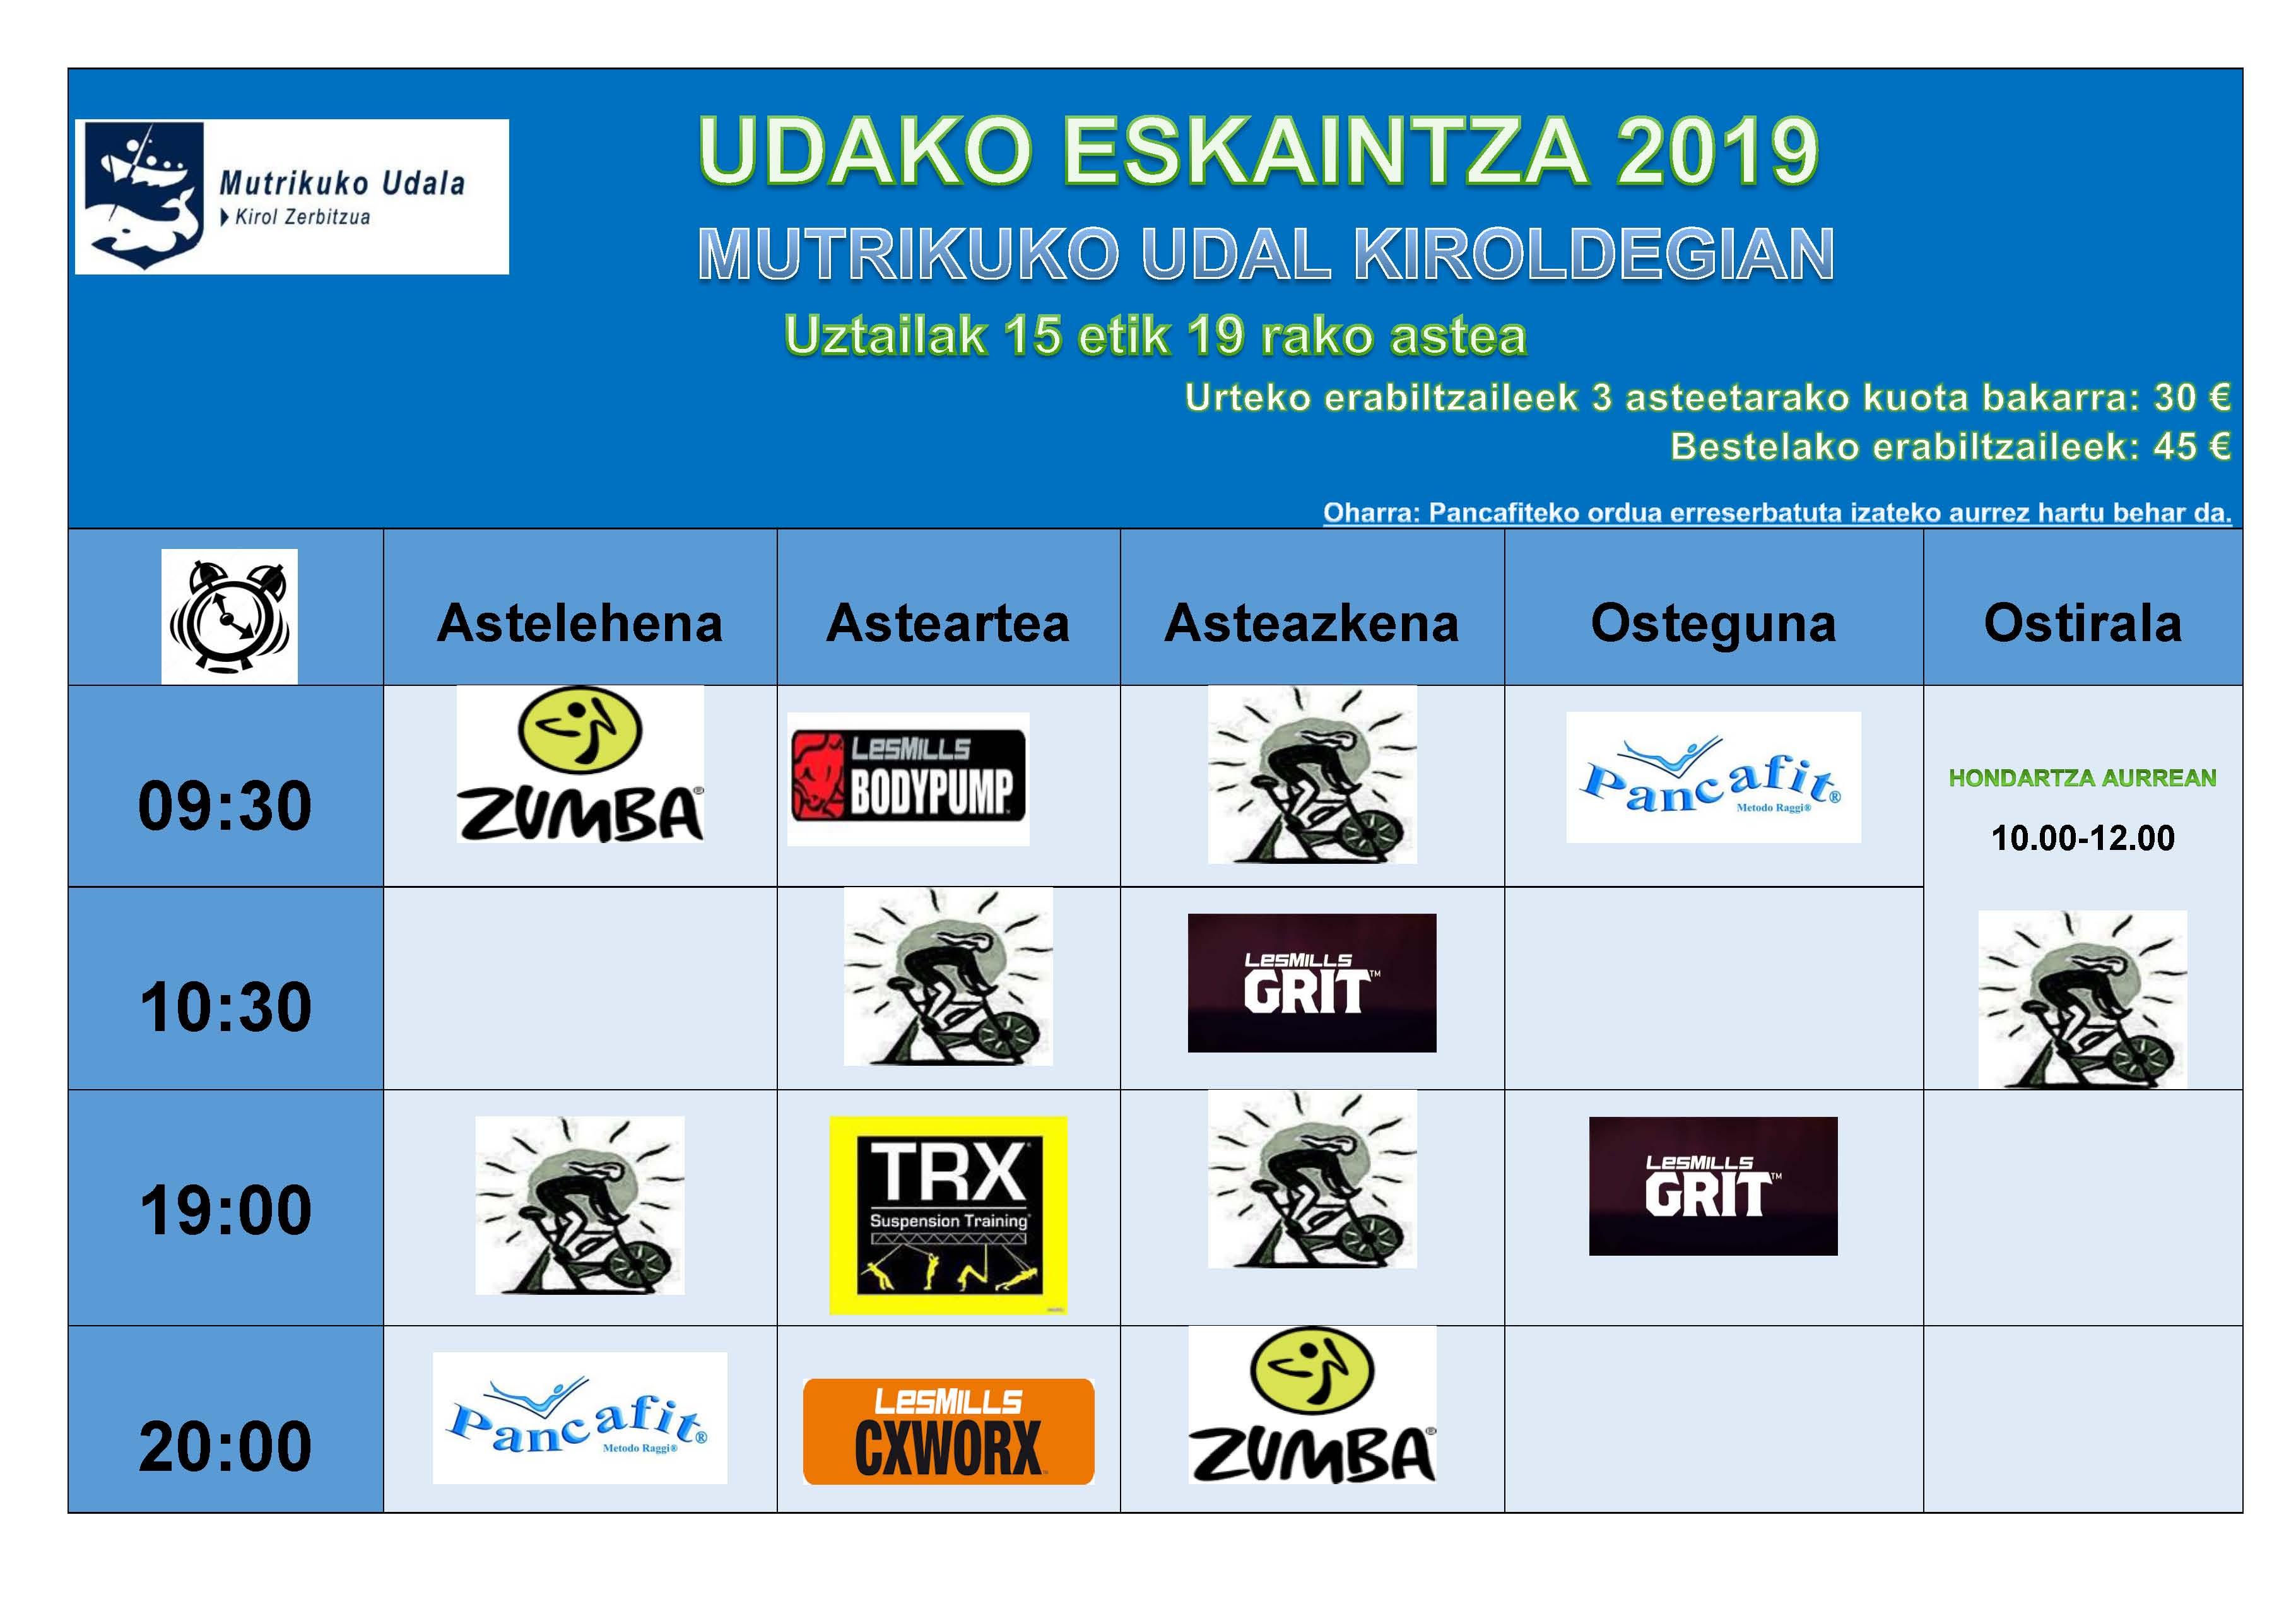 UDAKO ESKAINTZA 2019 uztailak 15-19.jpg